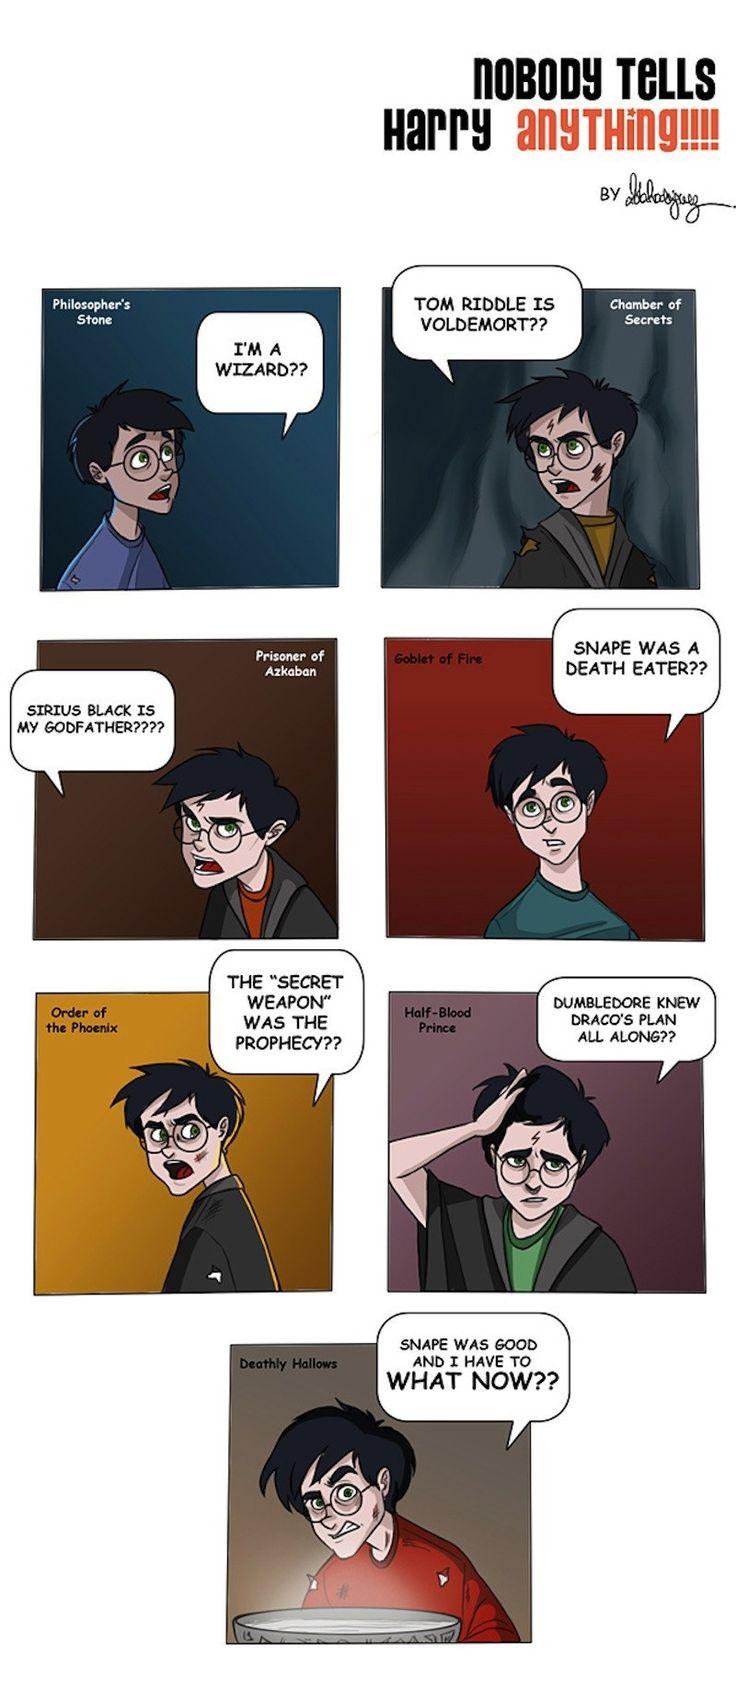 8 Magical Harry Potter Comics